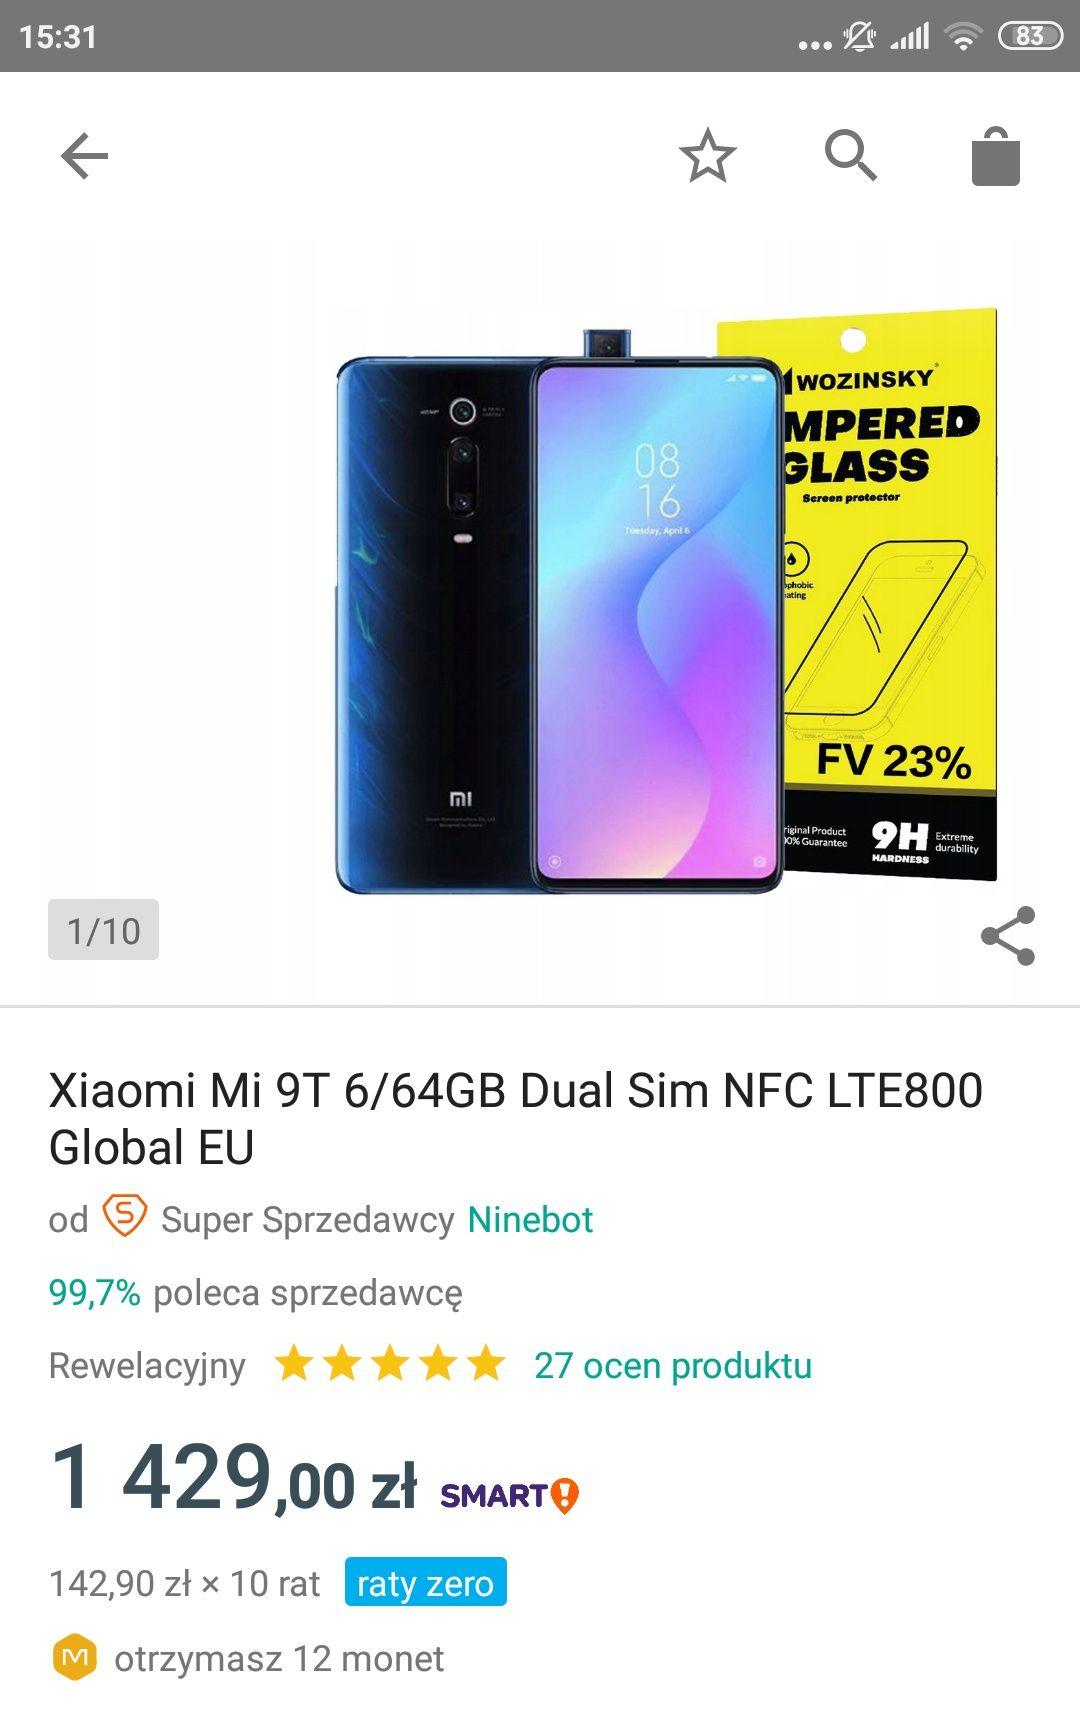 Xiaomi Mi 9T 6/64 i raty 0% z polskiej sprzedaży